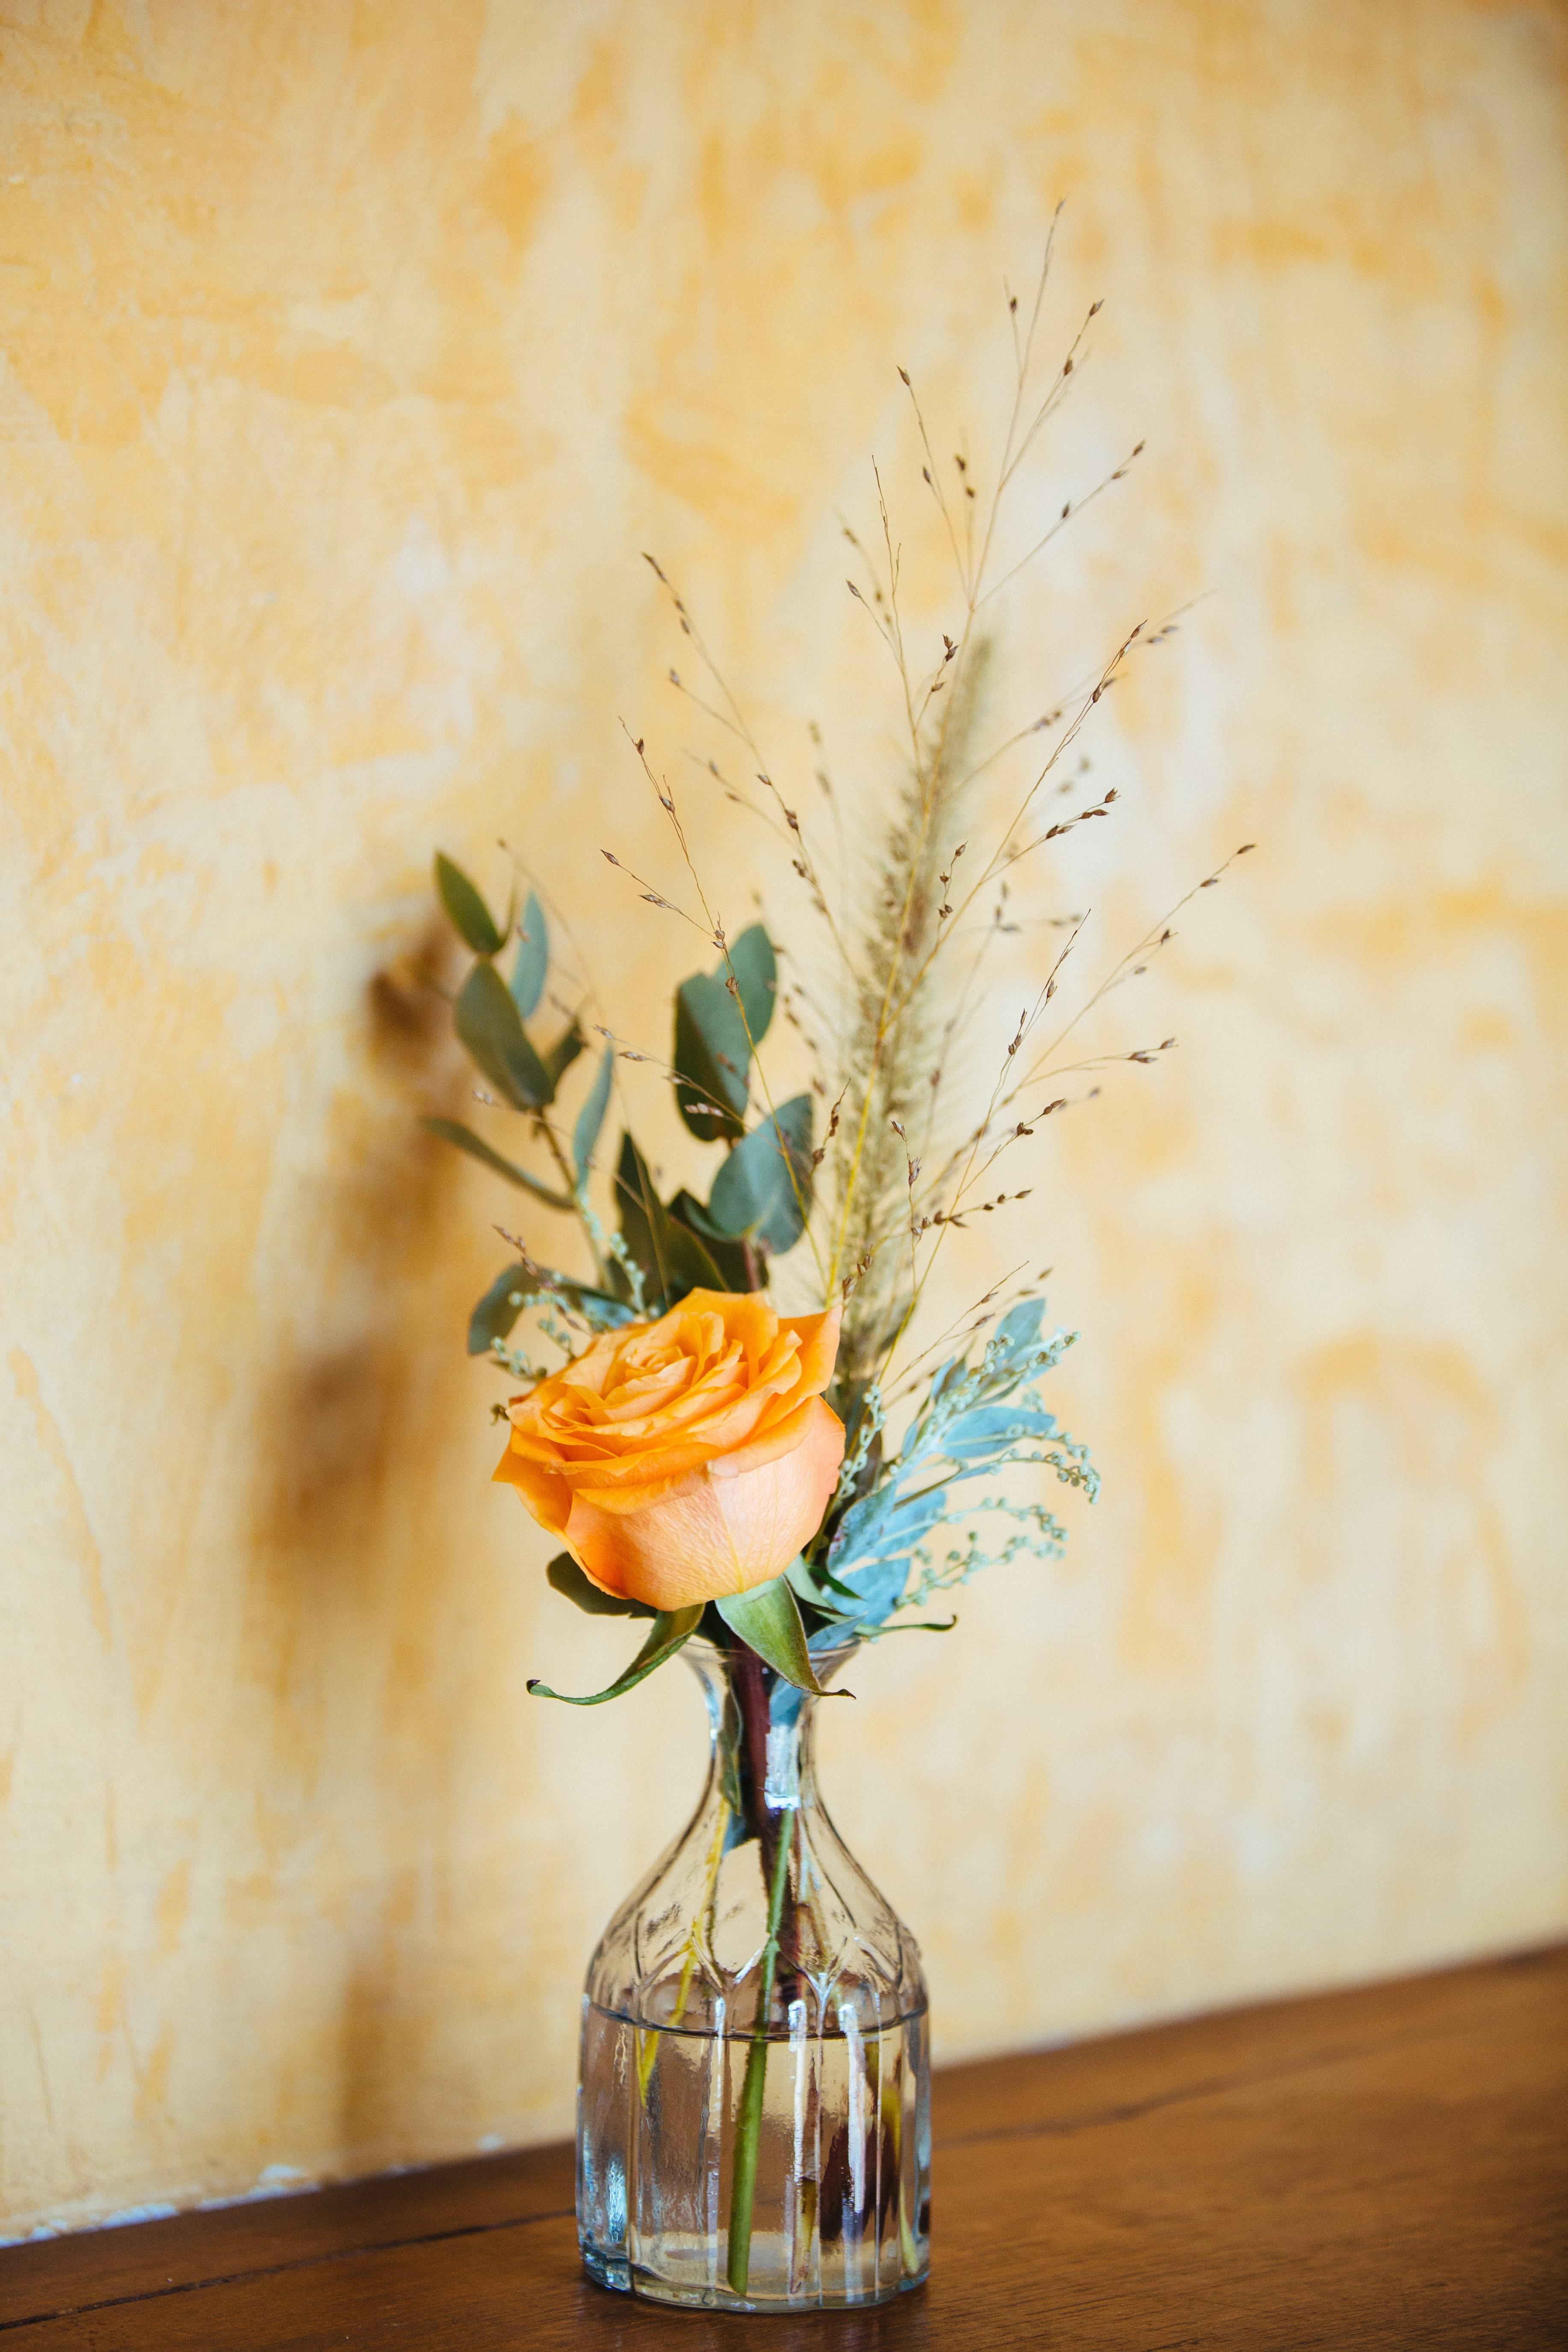 décoration de mariage orange - livre d'or - urne - composition florale orange